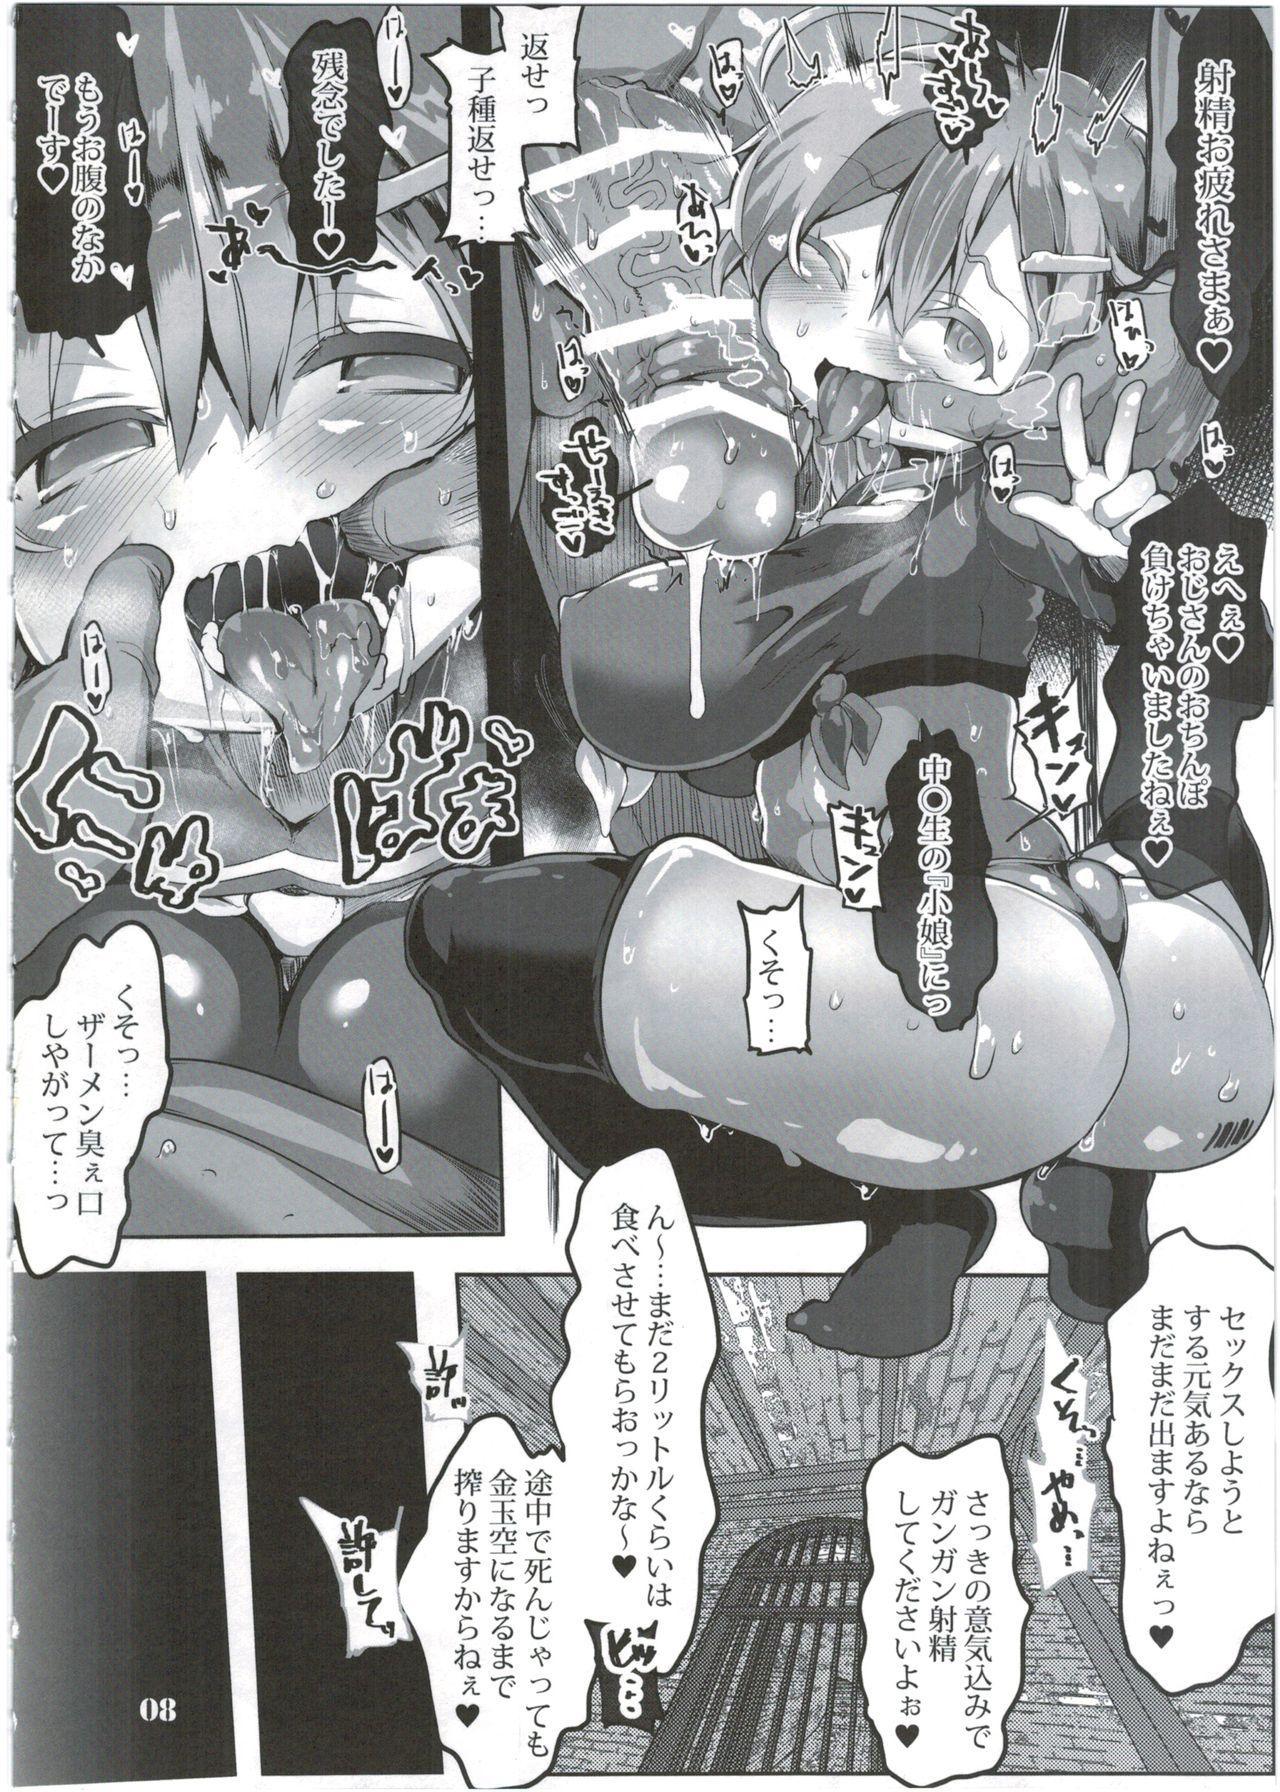 Tanoshii Seieki Bokujou 9